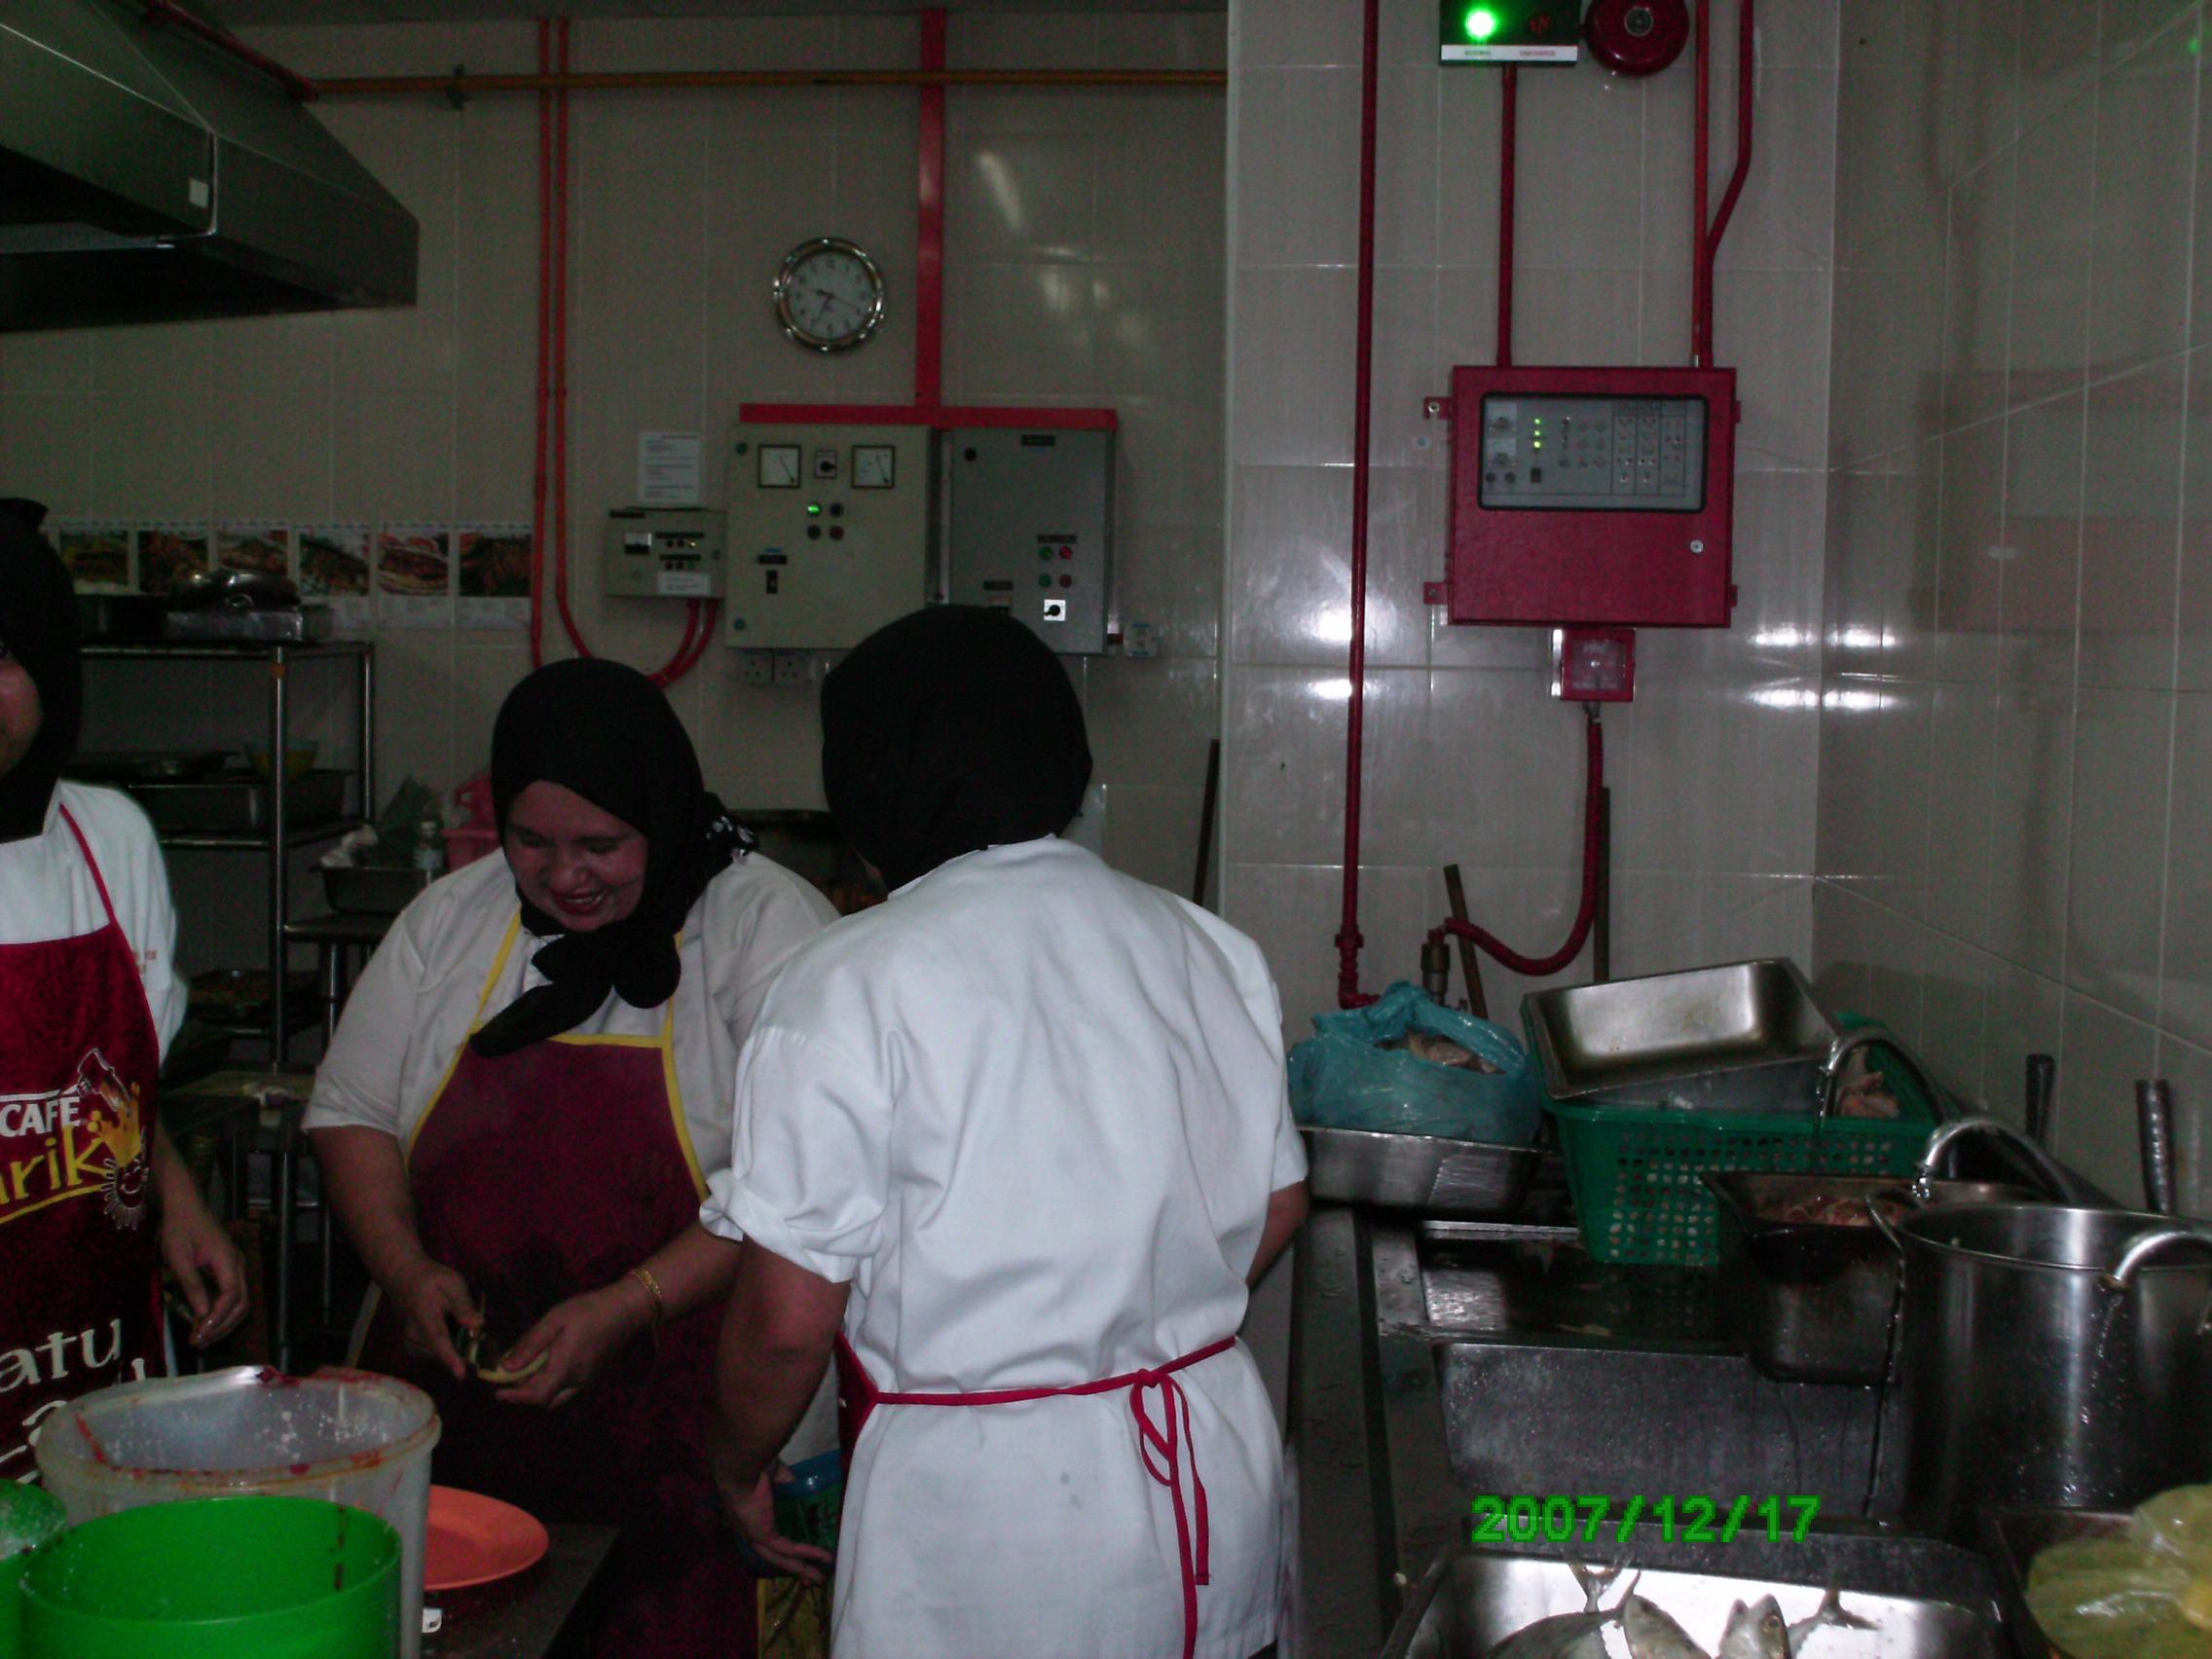 Laporan Prakerin Bahasa Inggris Hasil Laporan Prakerin Smk Negeri 1 Rangkasbitung Kumpulan Tugas Sekolah Newhairstylesformen2014